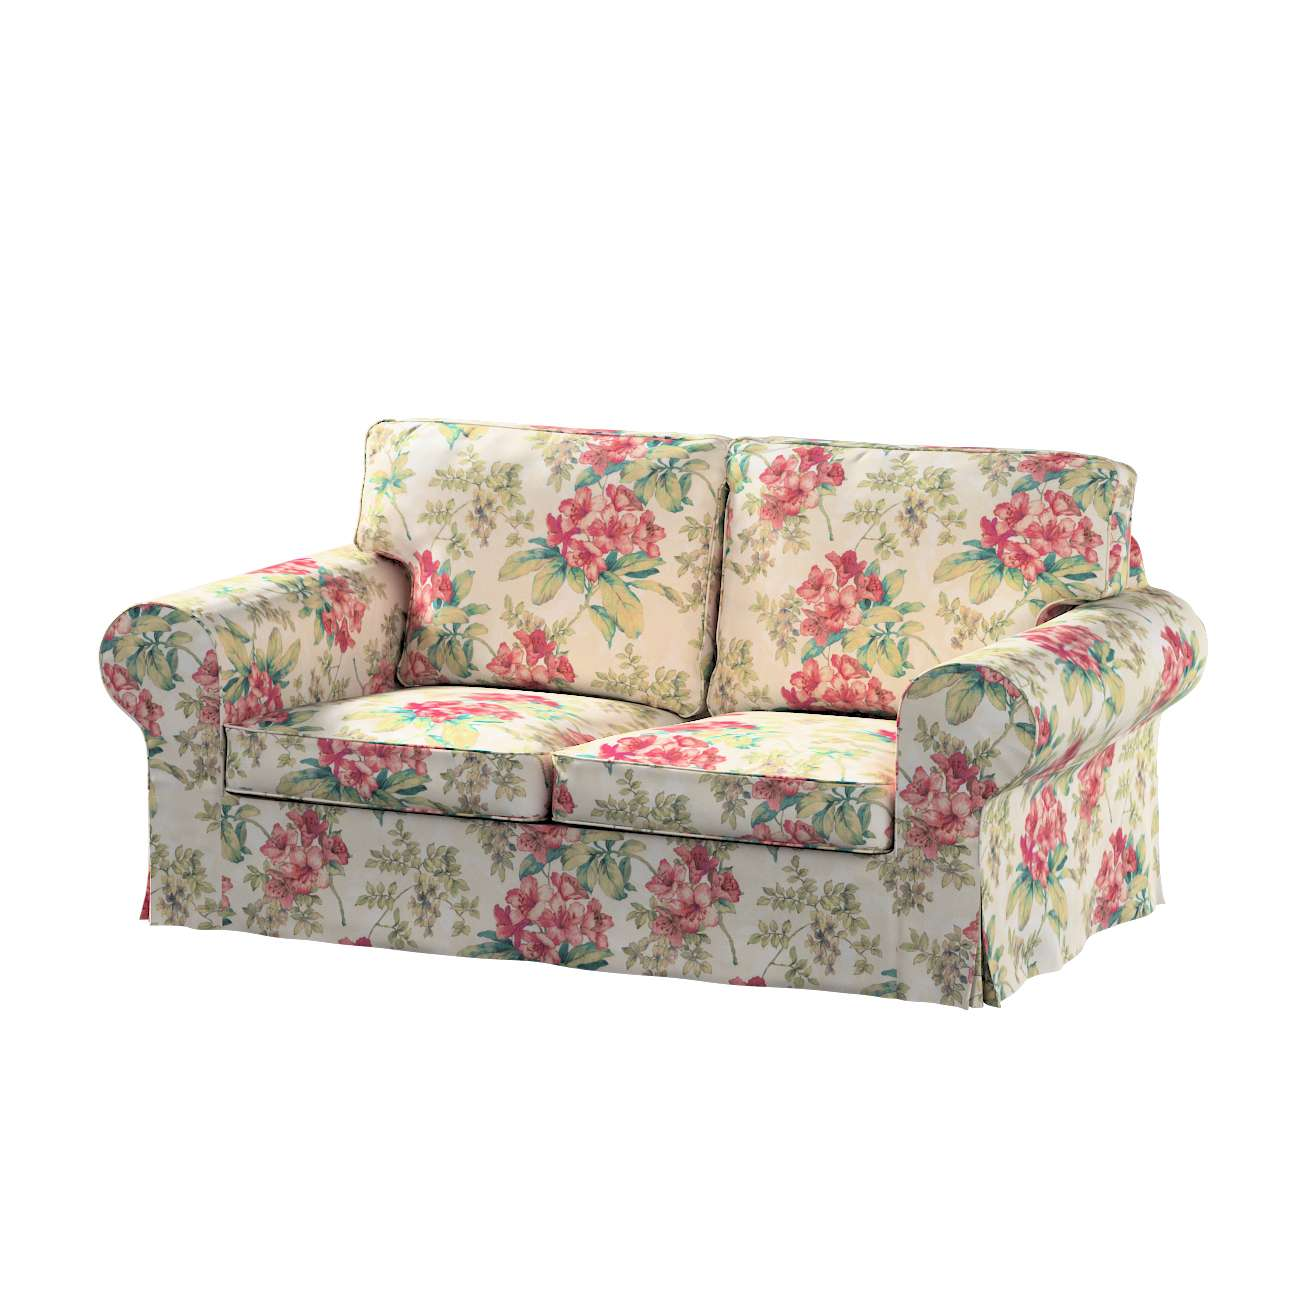 Pokrowiec na sofę Ektorp 2-osobową, nierozkładaną w kolekcji Londres, tkanina: 143-40